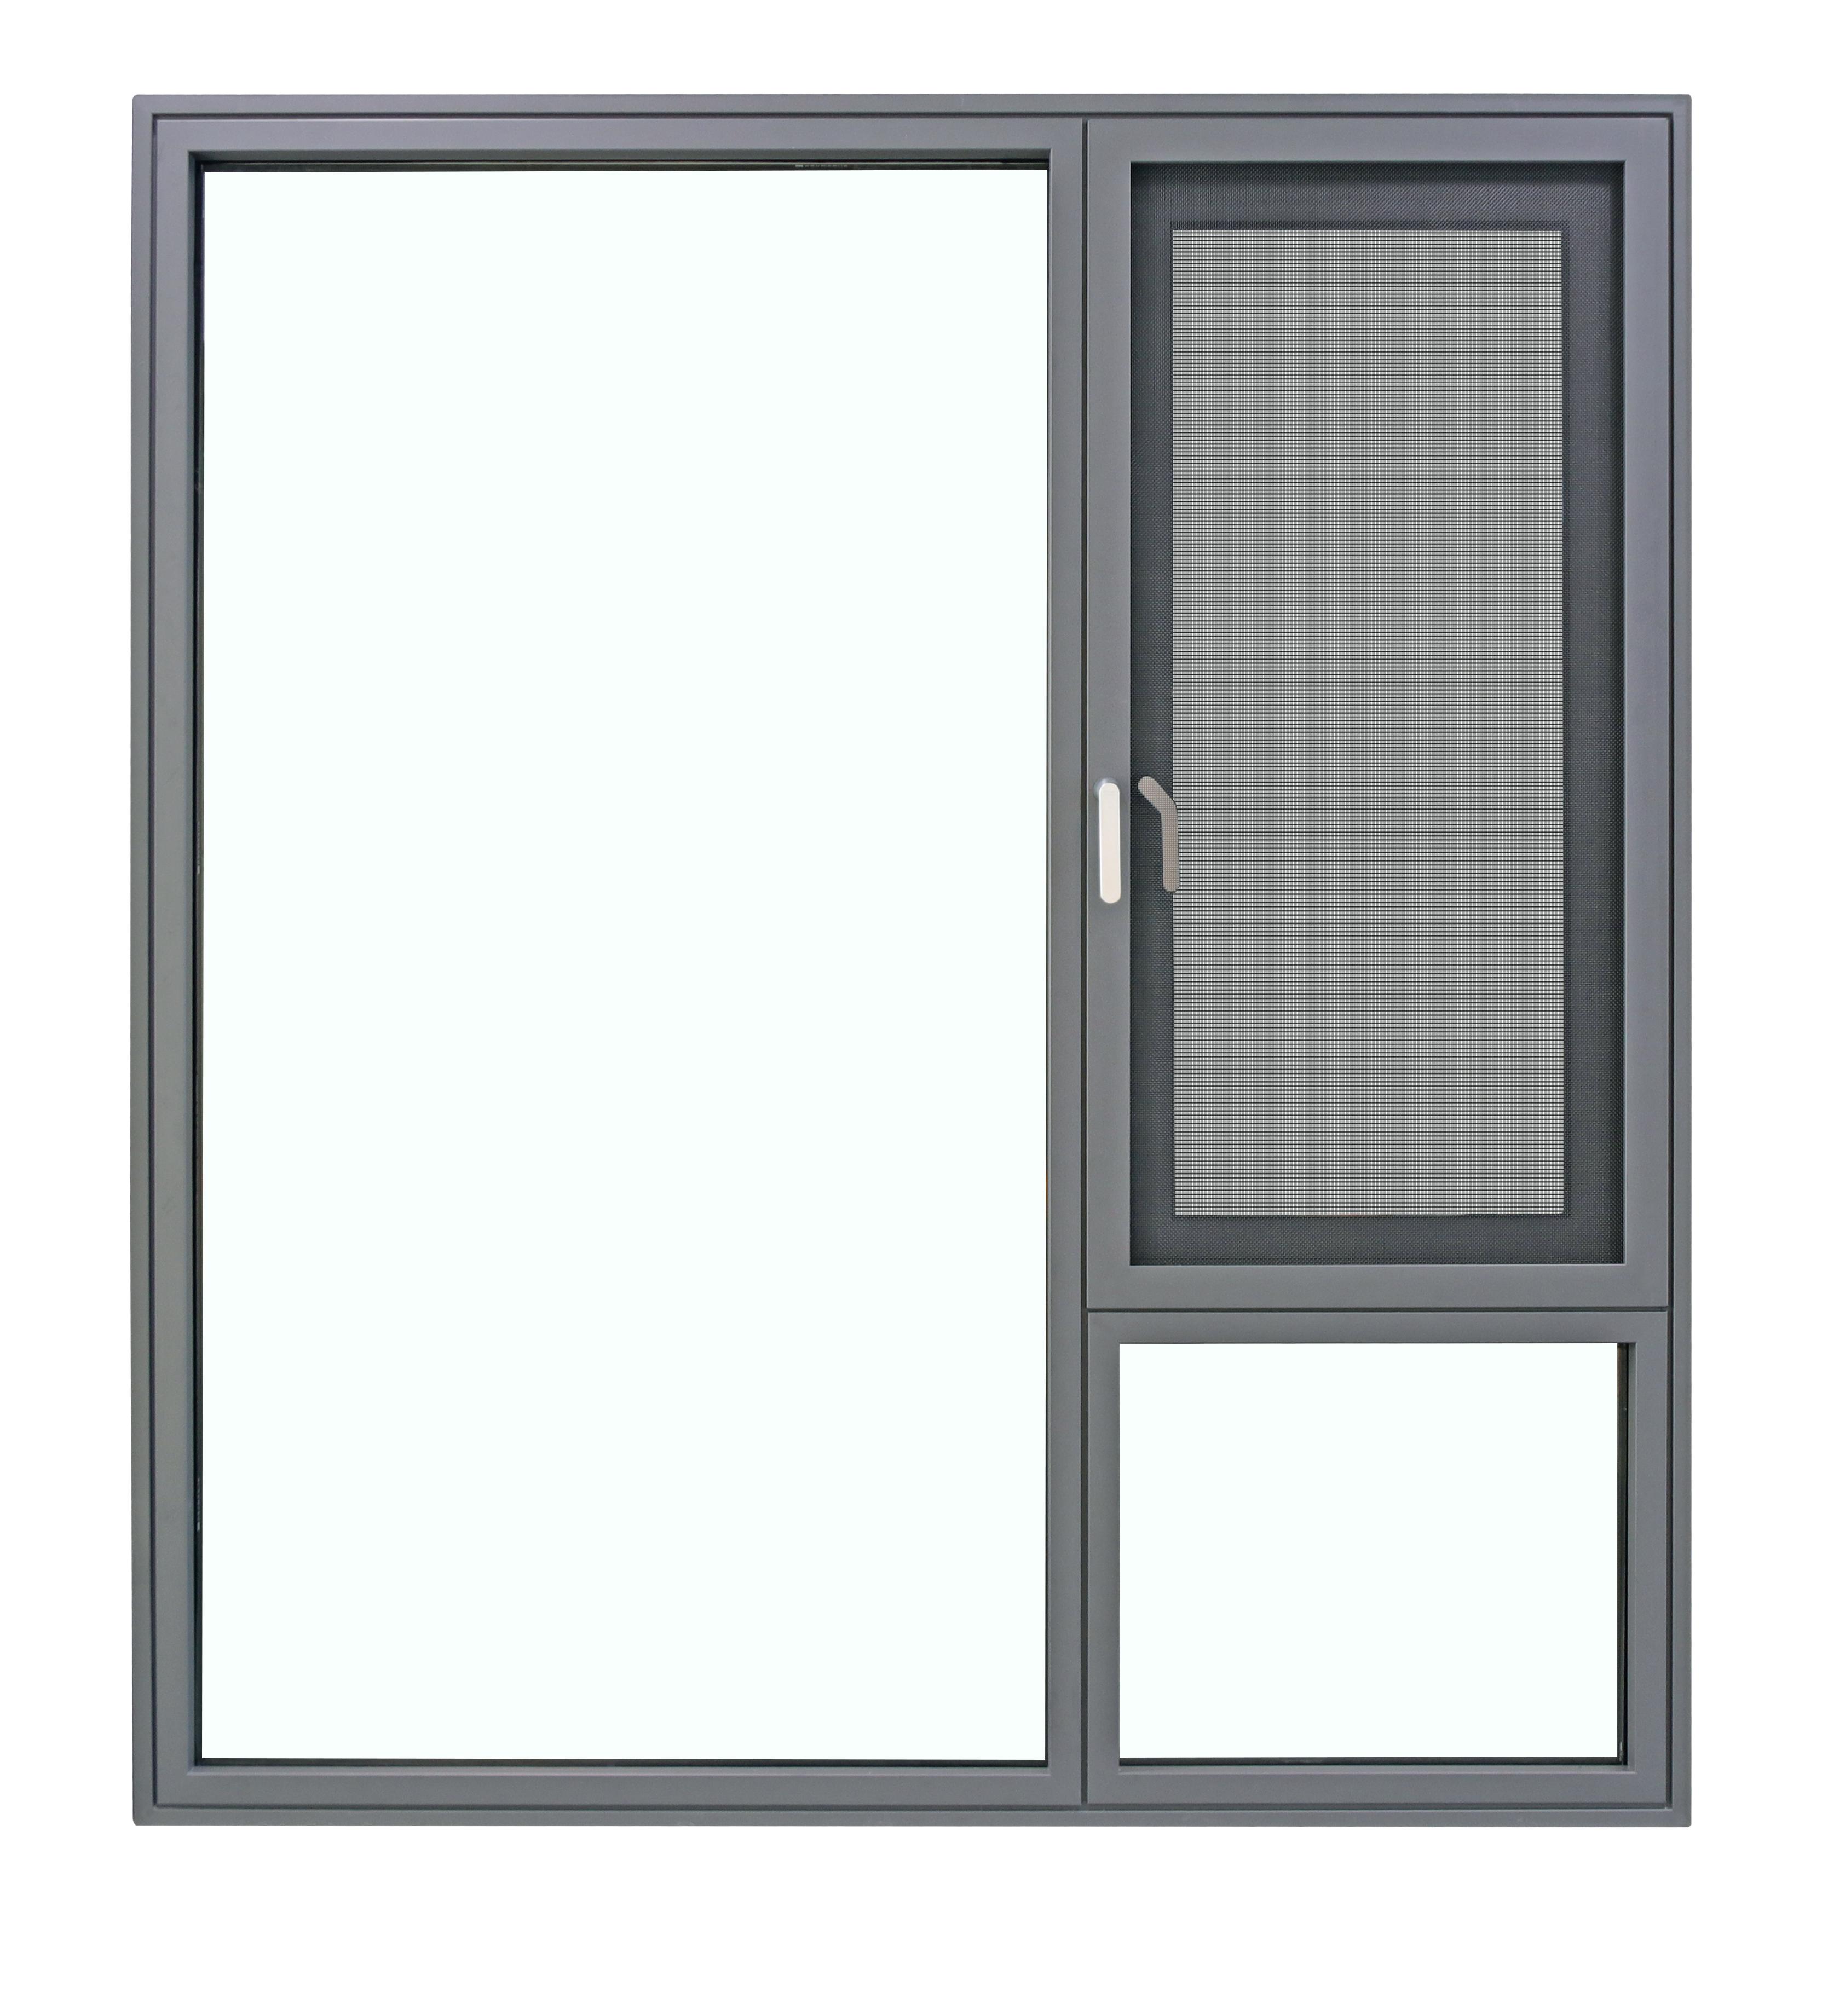 芬兰系列窄边平开窗